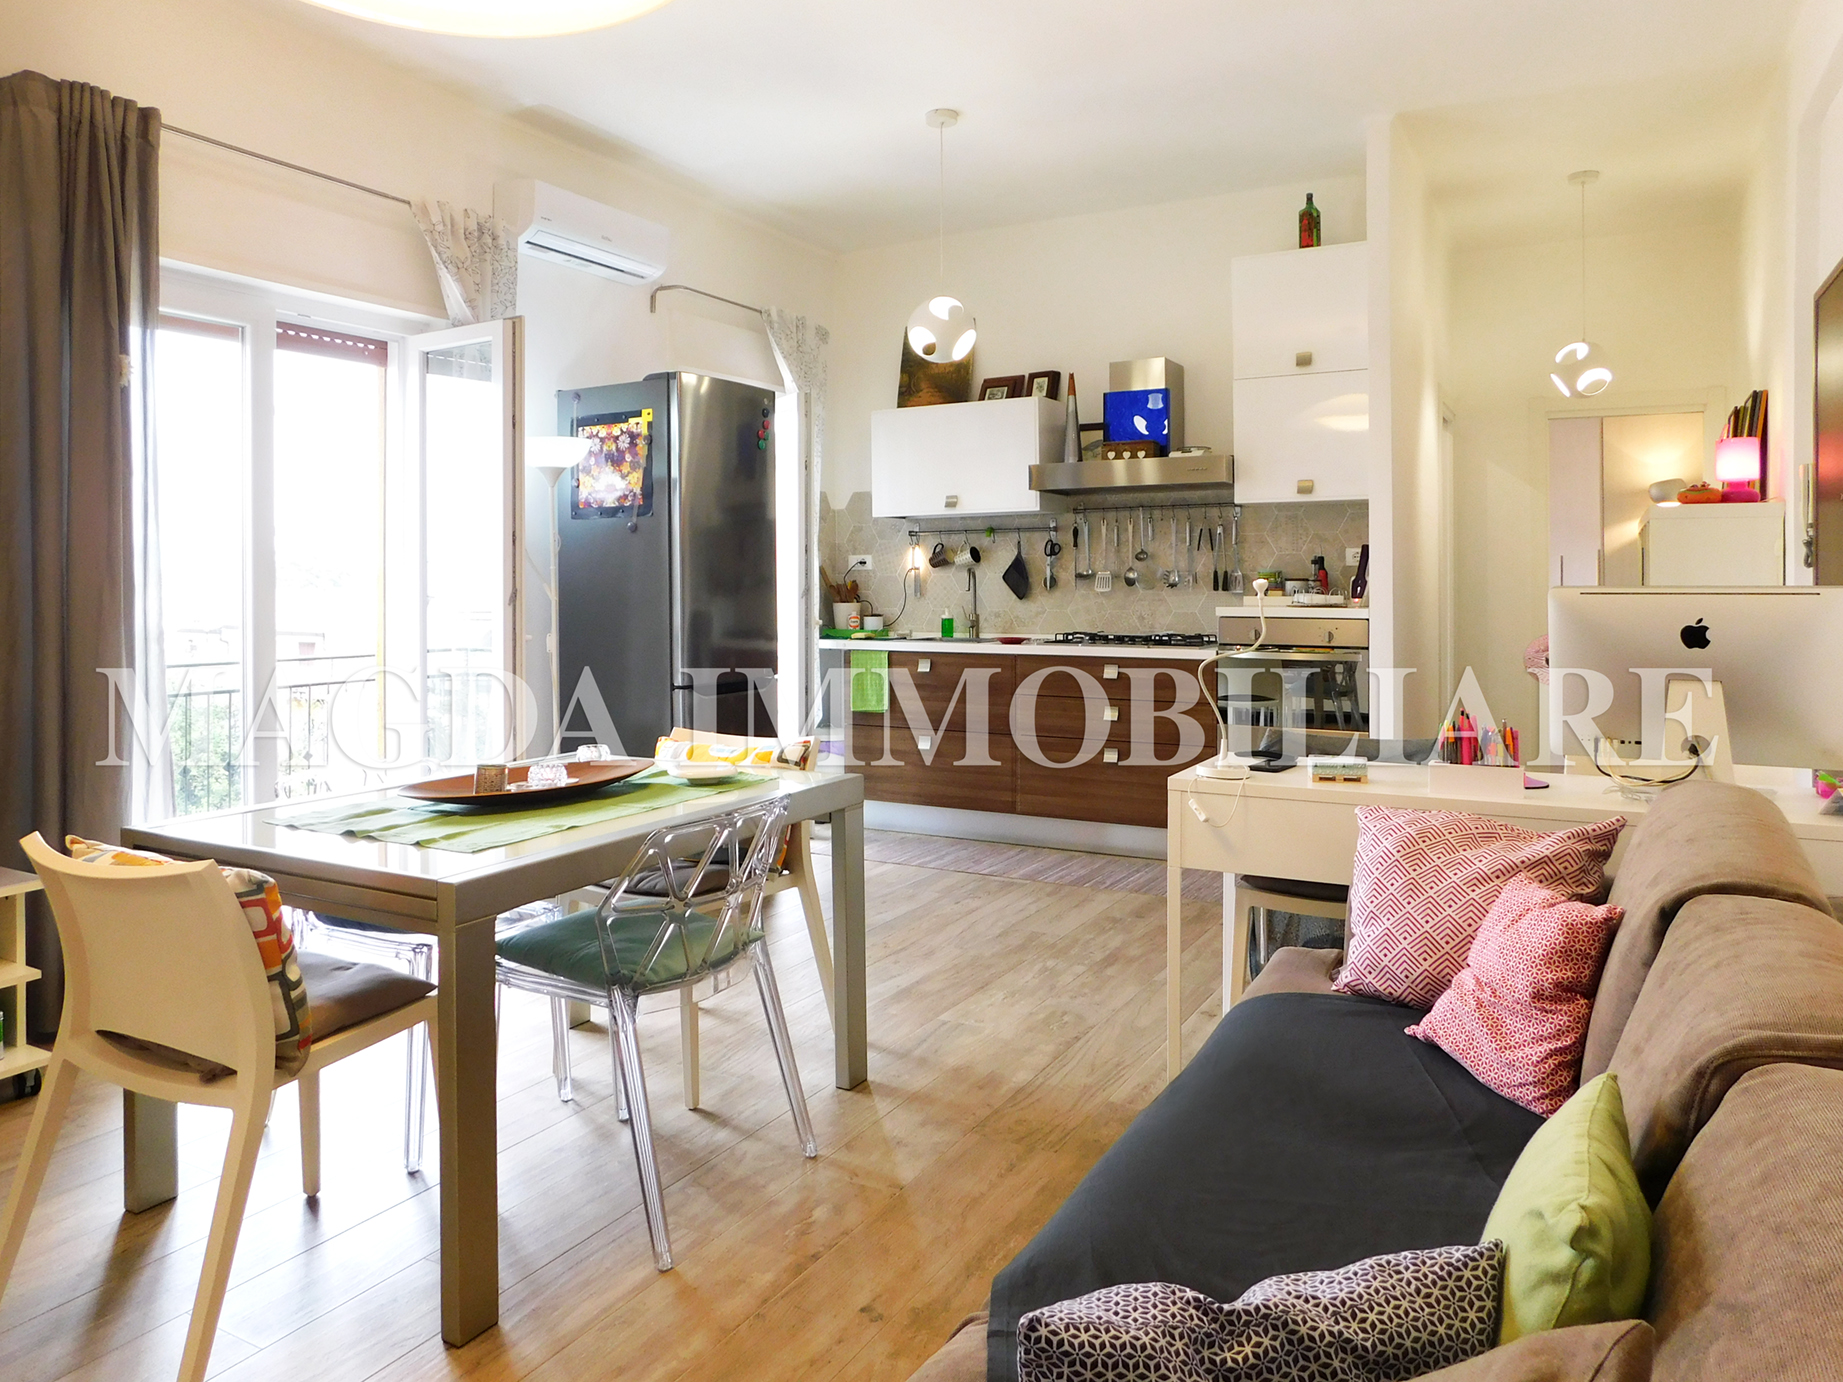 Appartamento a Ladispoli - Via G. Garibaldi